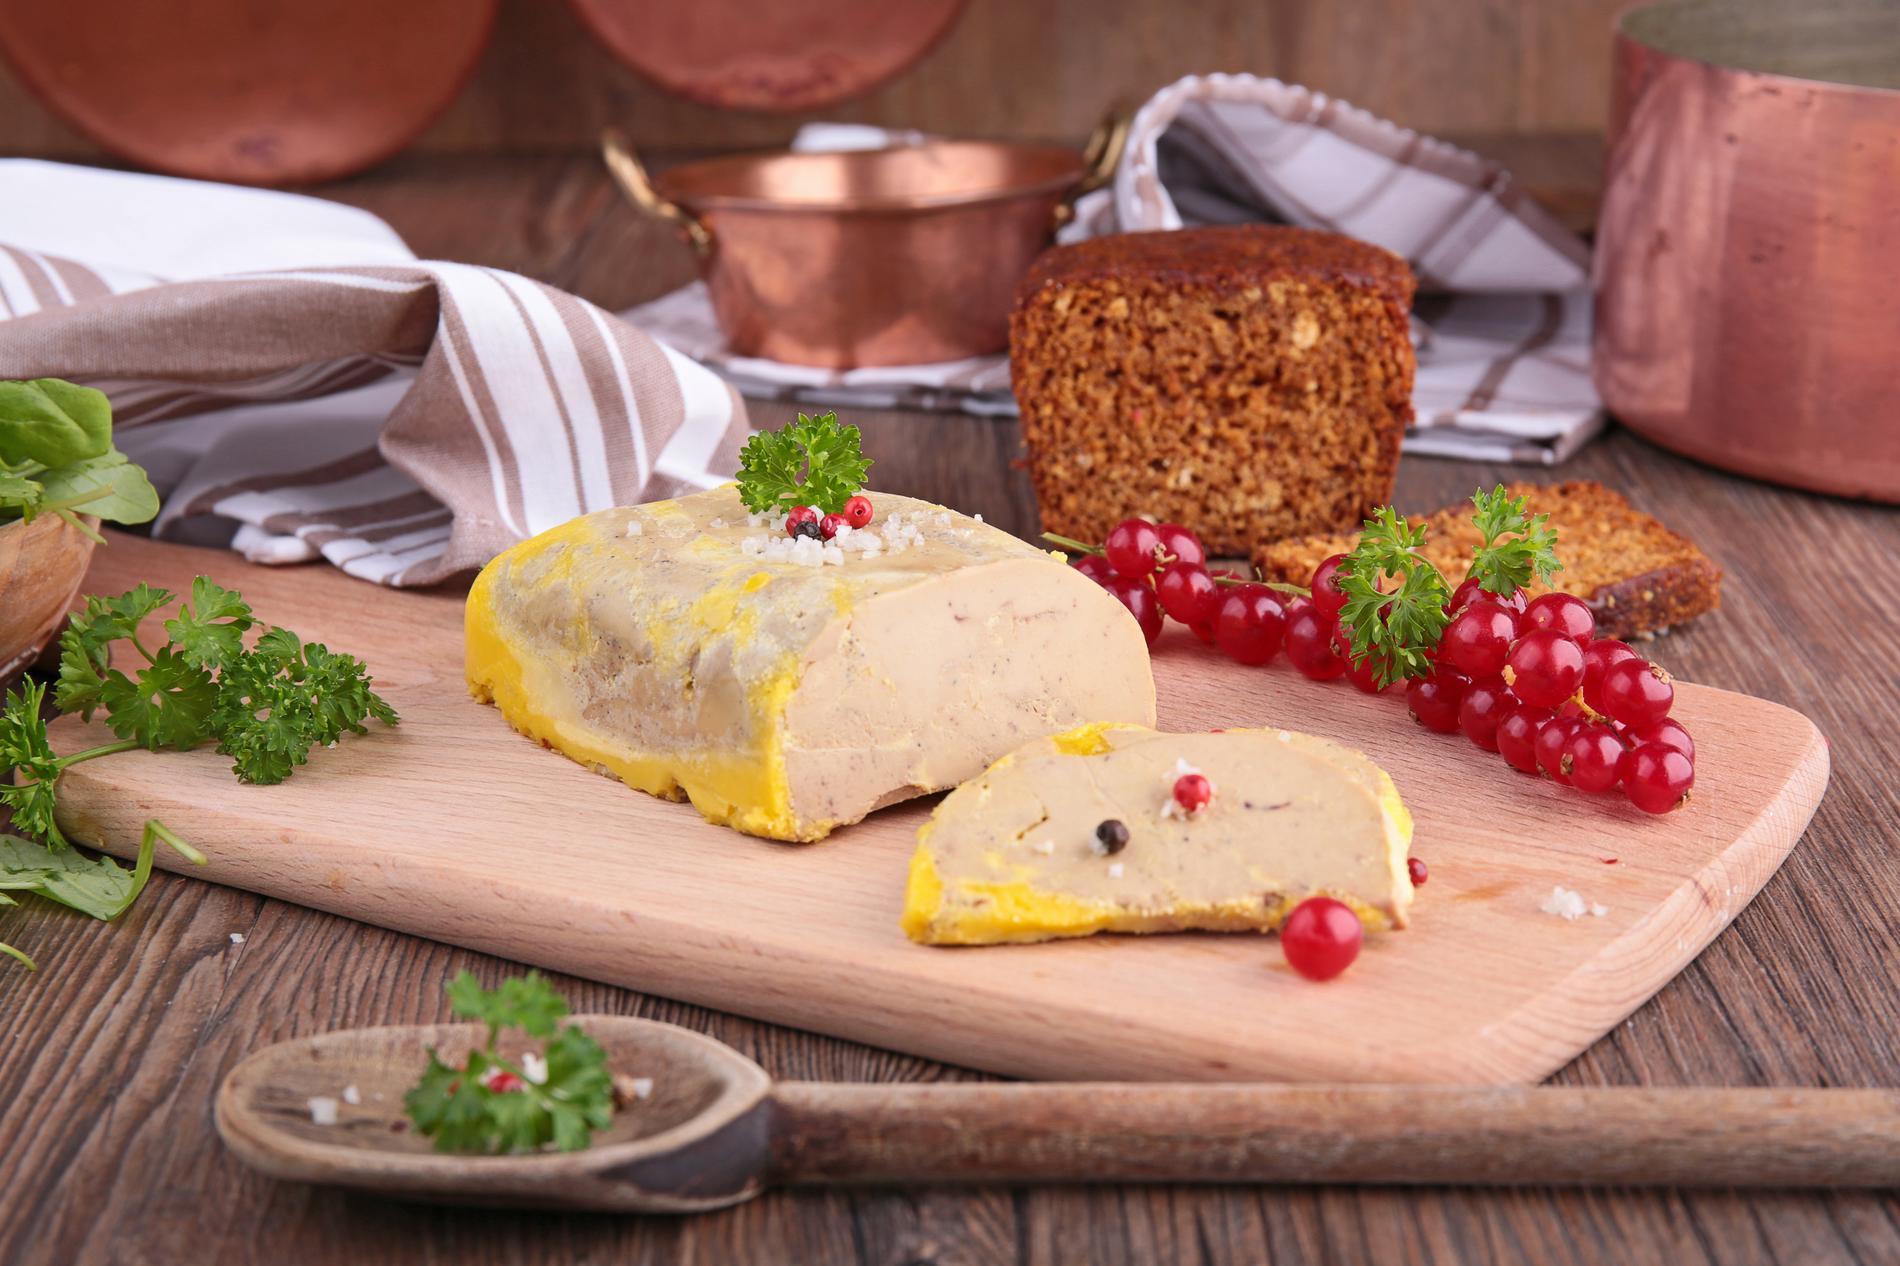 Entier mi cuit extra comment choisir un bon foie gras cuisine madame figaro - Comment cuisiner le canard entier ...